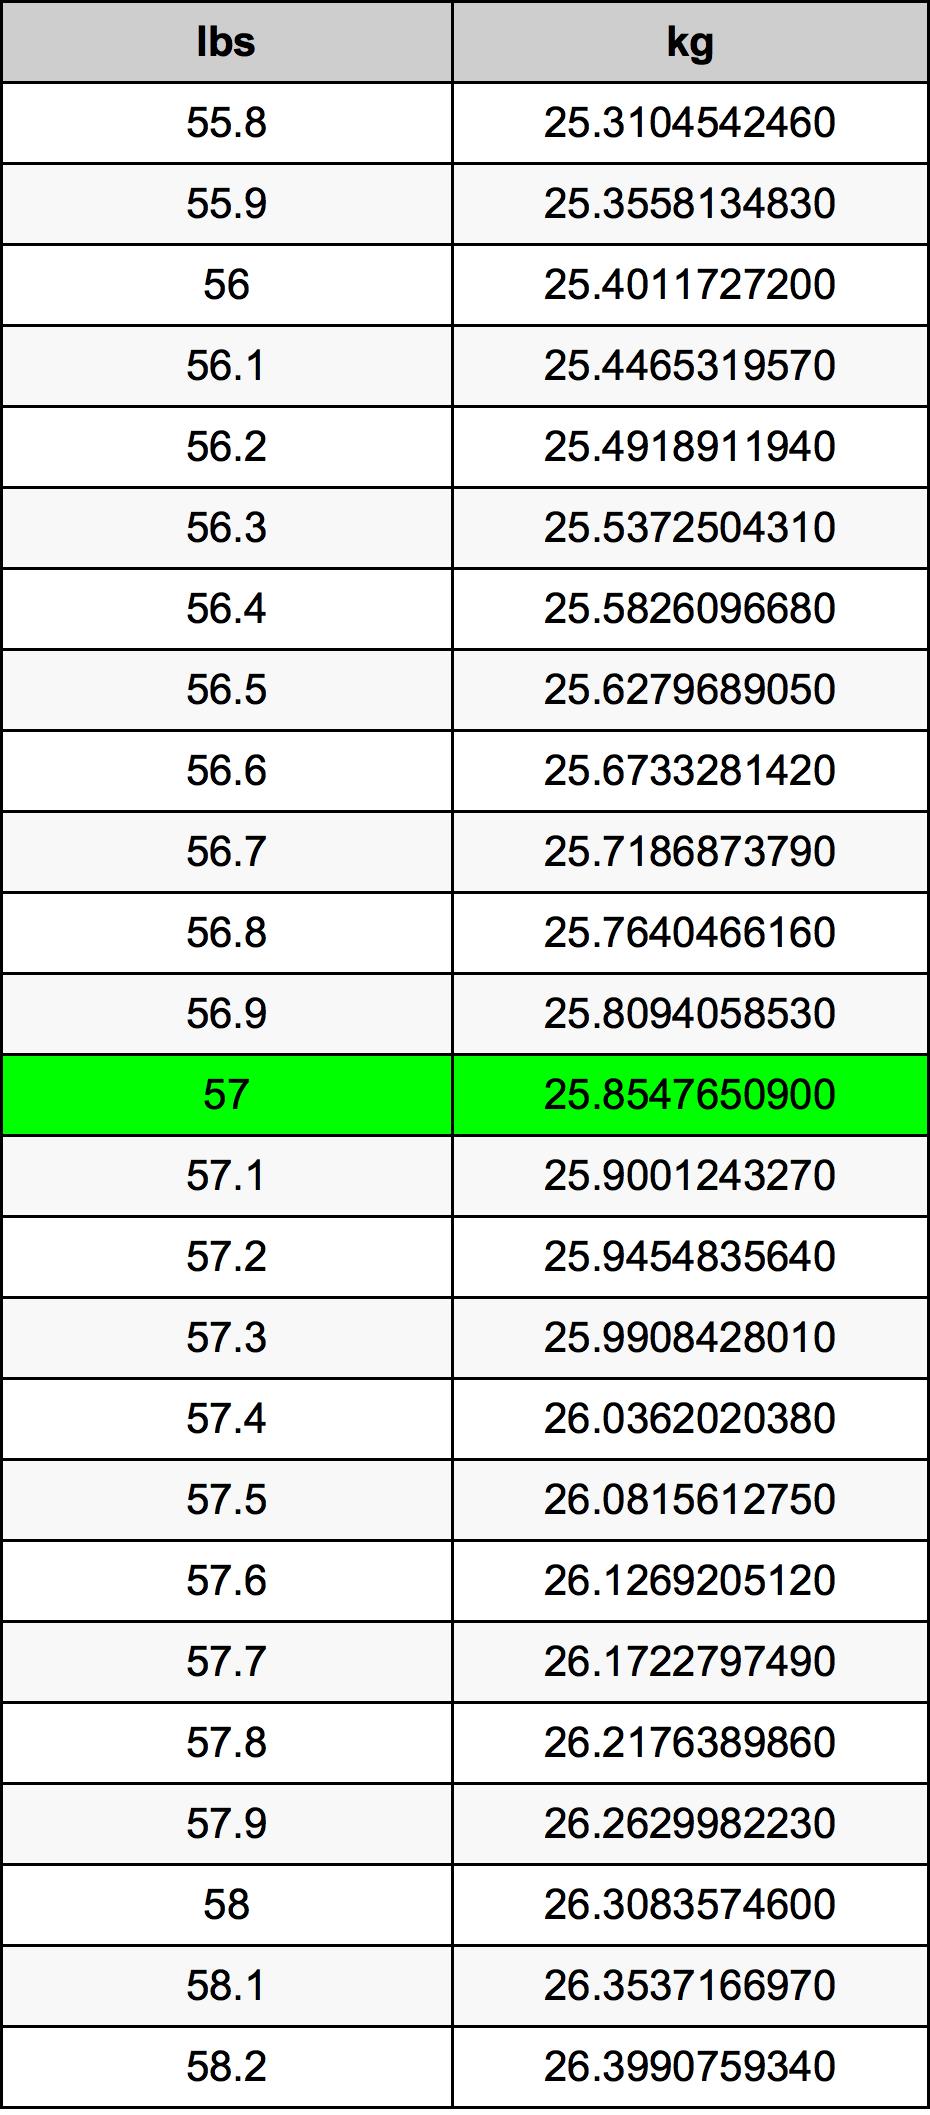 57ポンドをキログラム単位変換   57lbsをkg単位変換